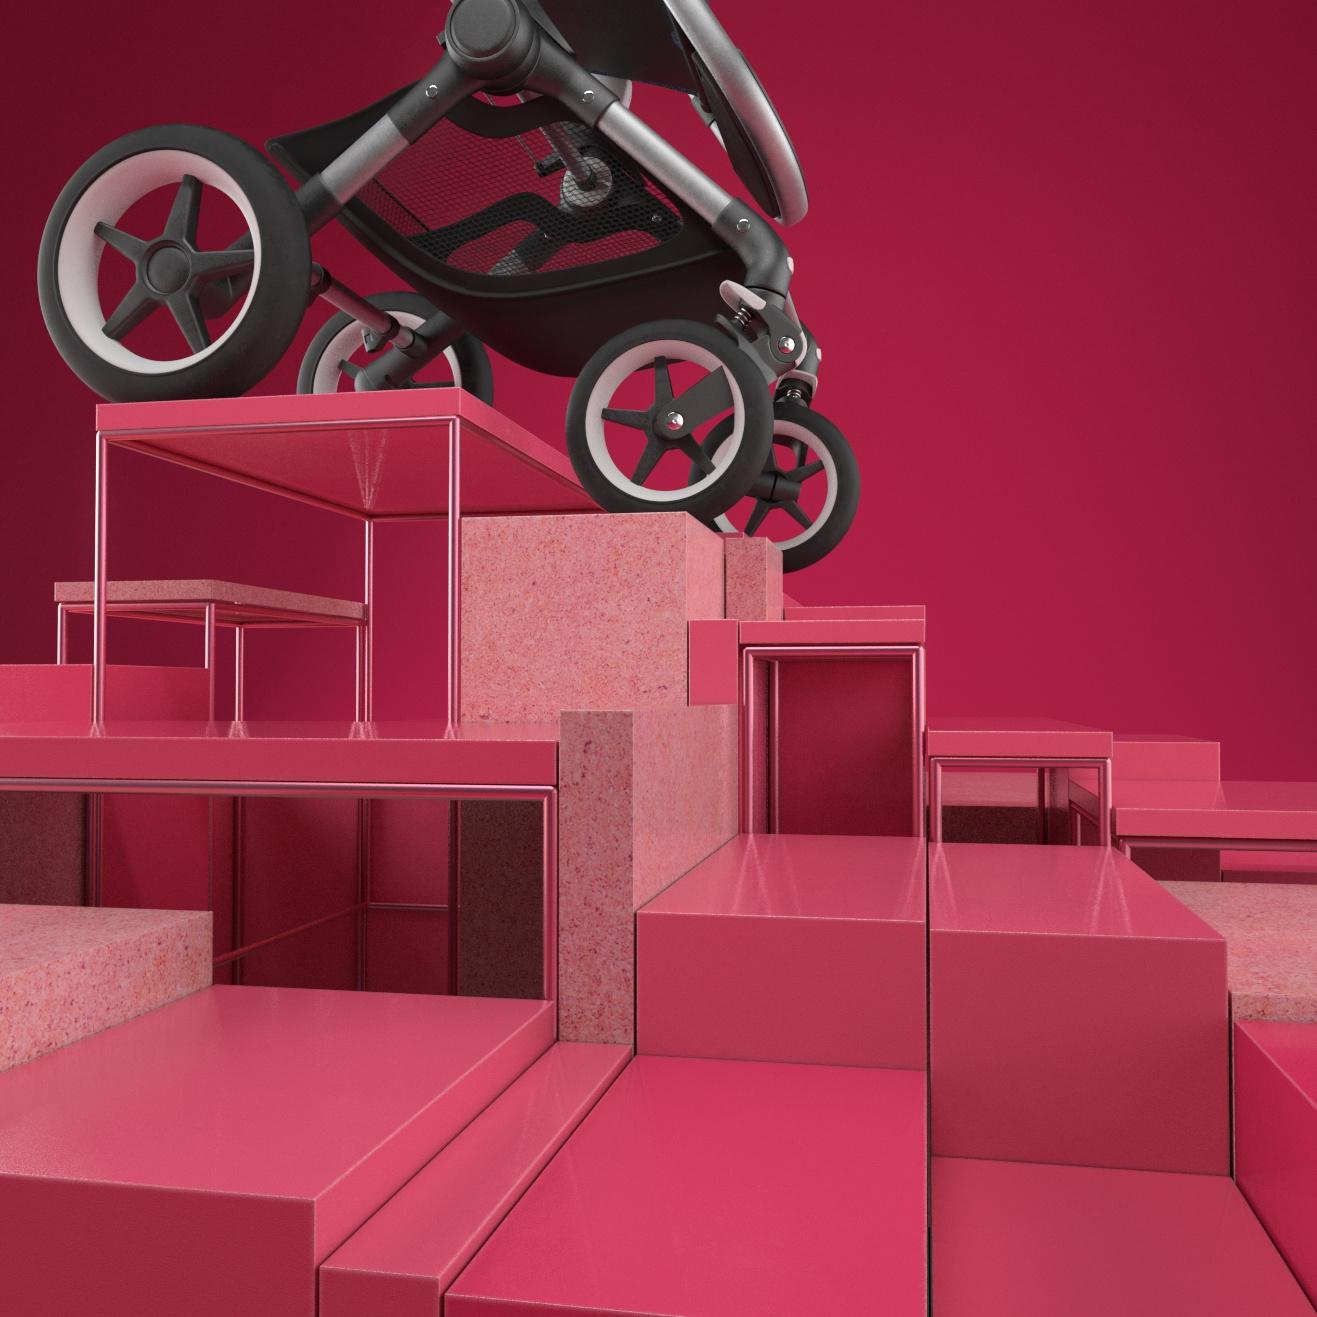 stairs_002.jpg